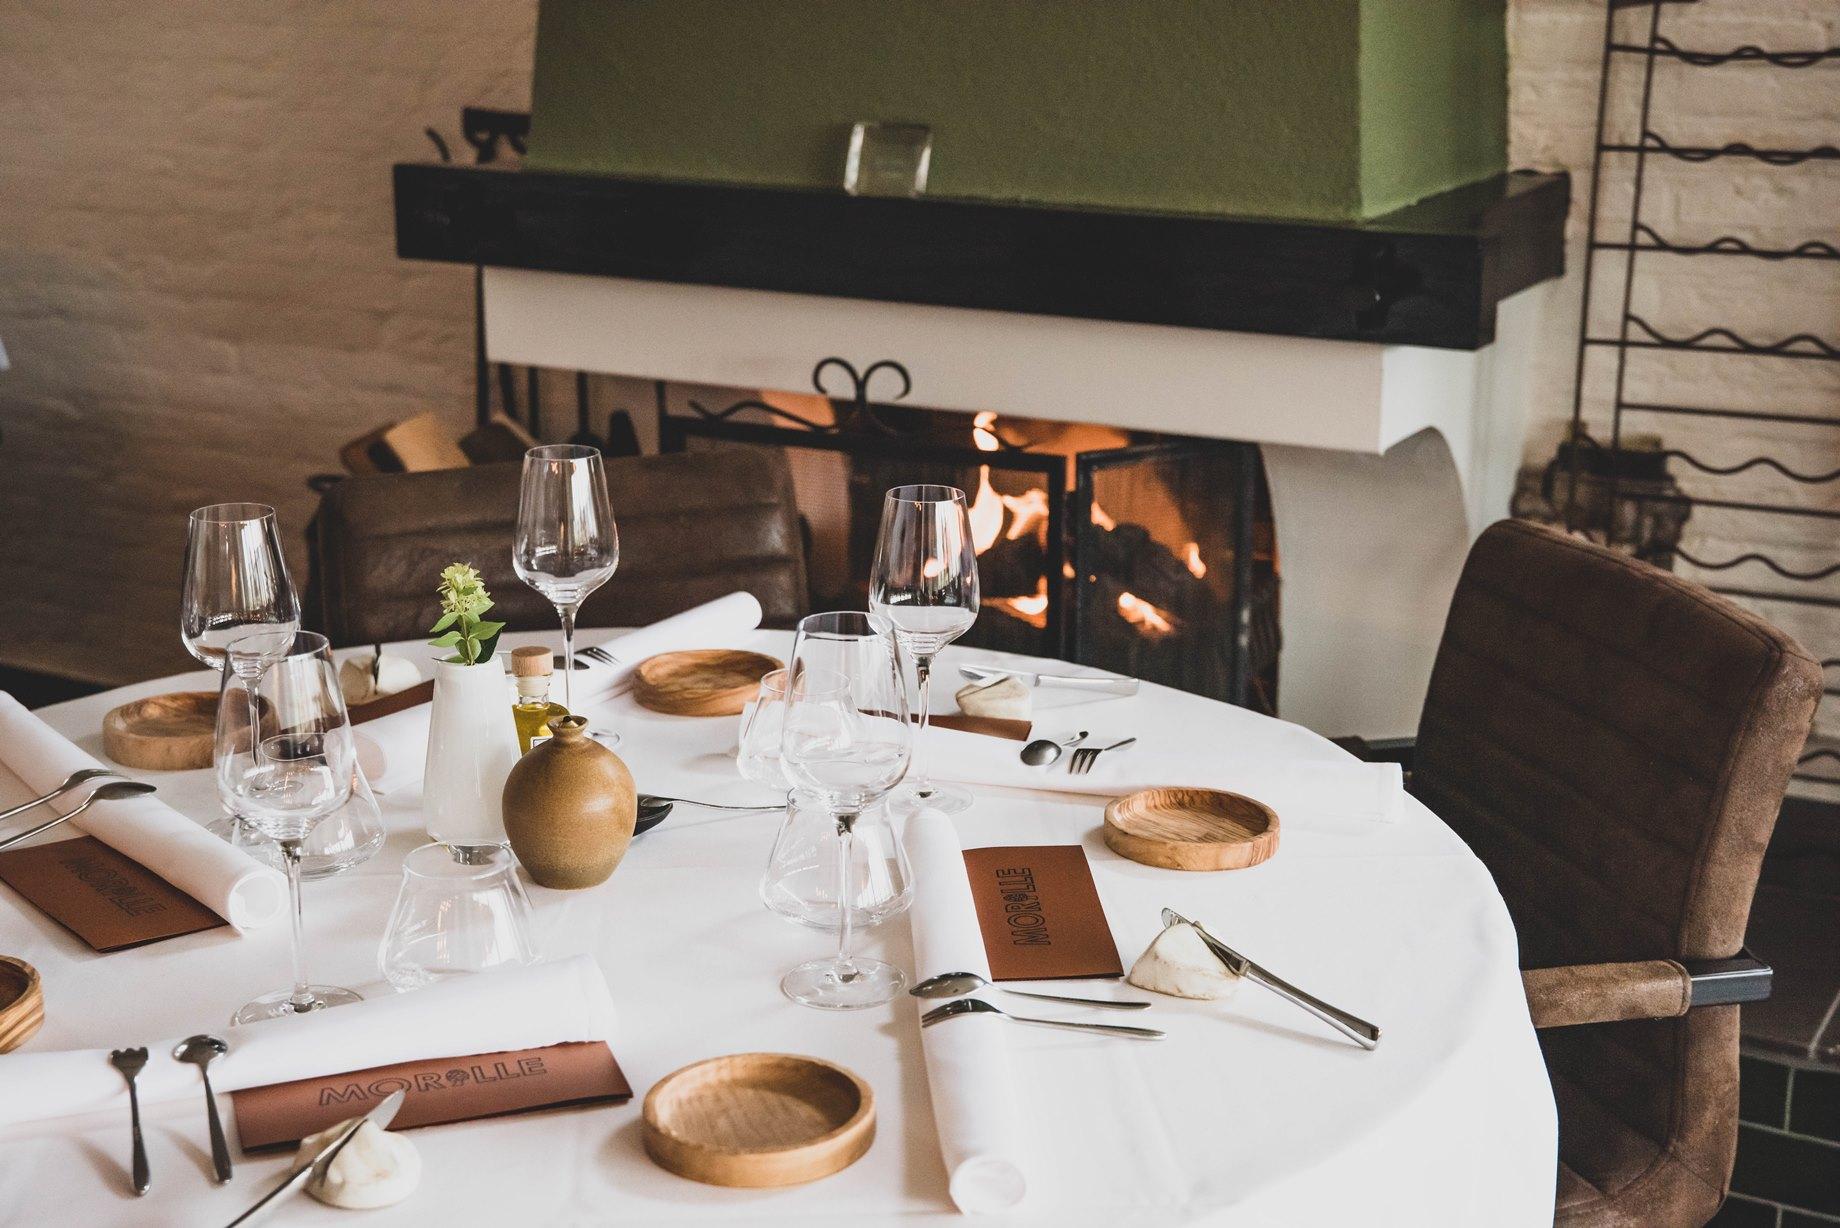 Zeeuws restaurant Morille in Koudekerke verrast met eten uit de natuur